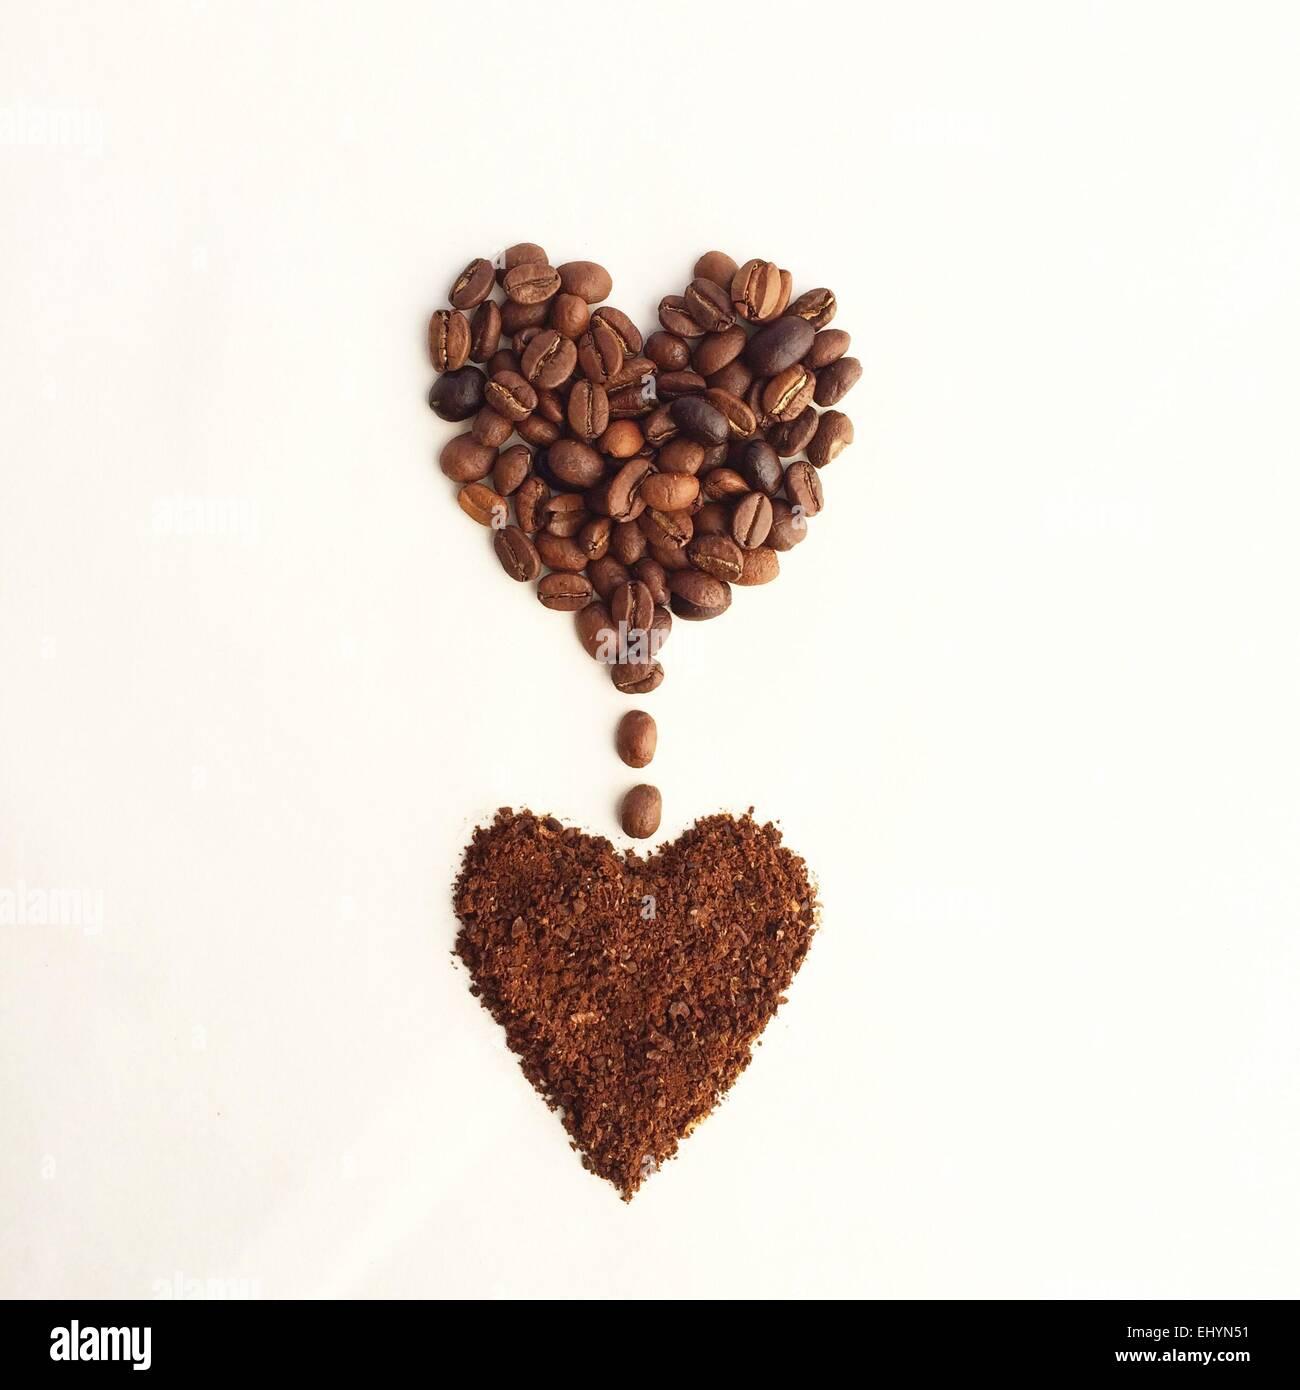 I chicchi di caffè in una forma di cuore, gocciolamento in un'altra forma di cuore di caffè macinato Immagini Stock